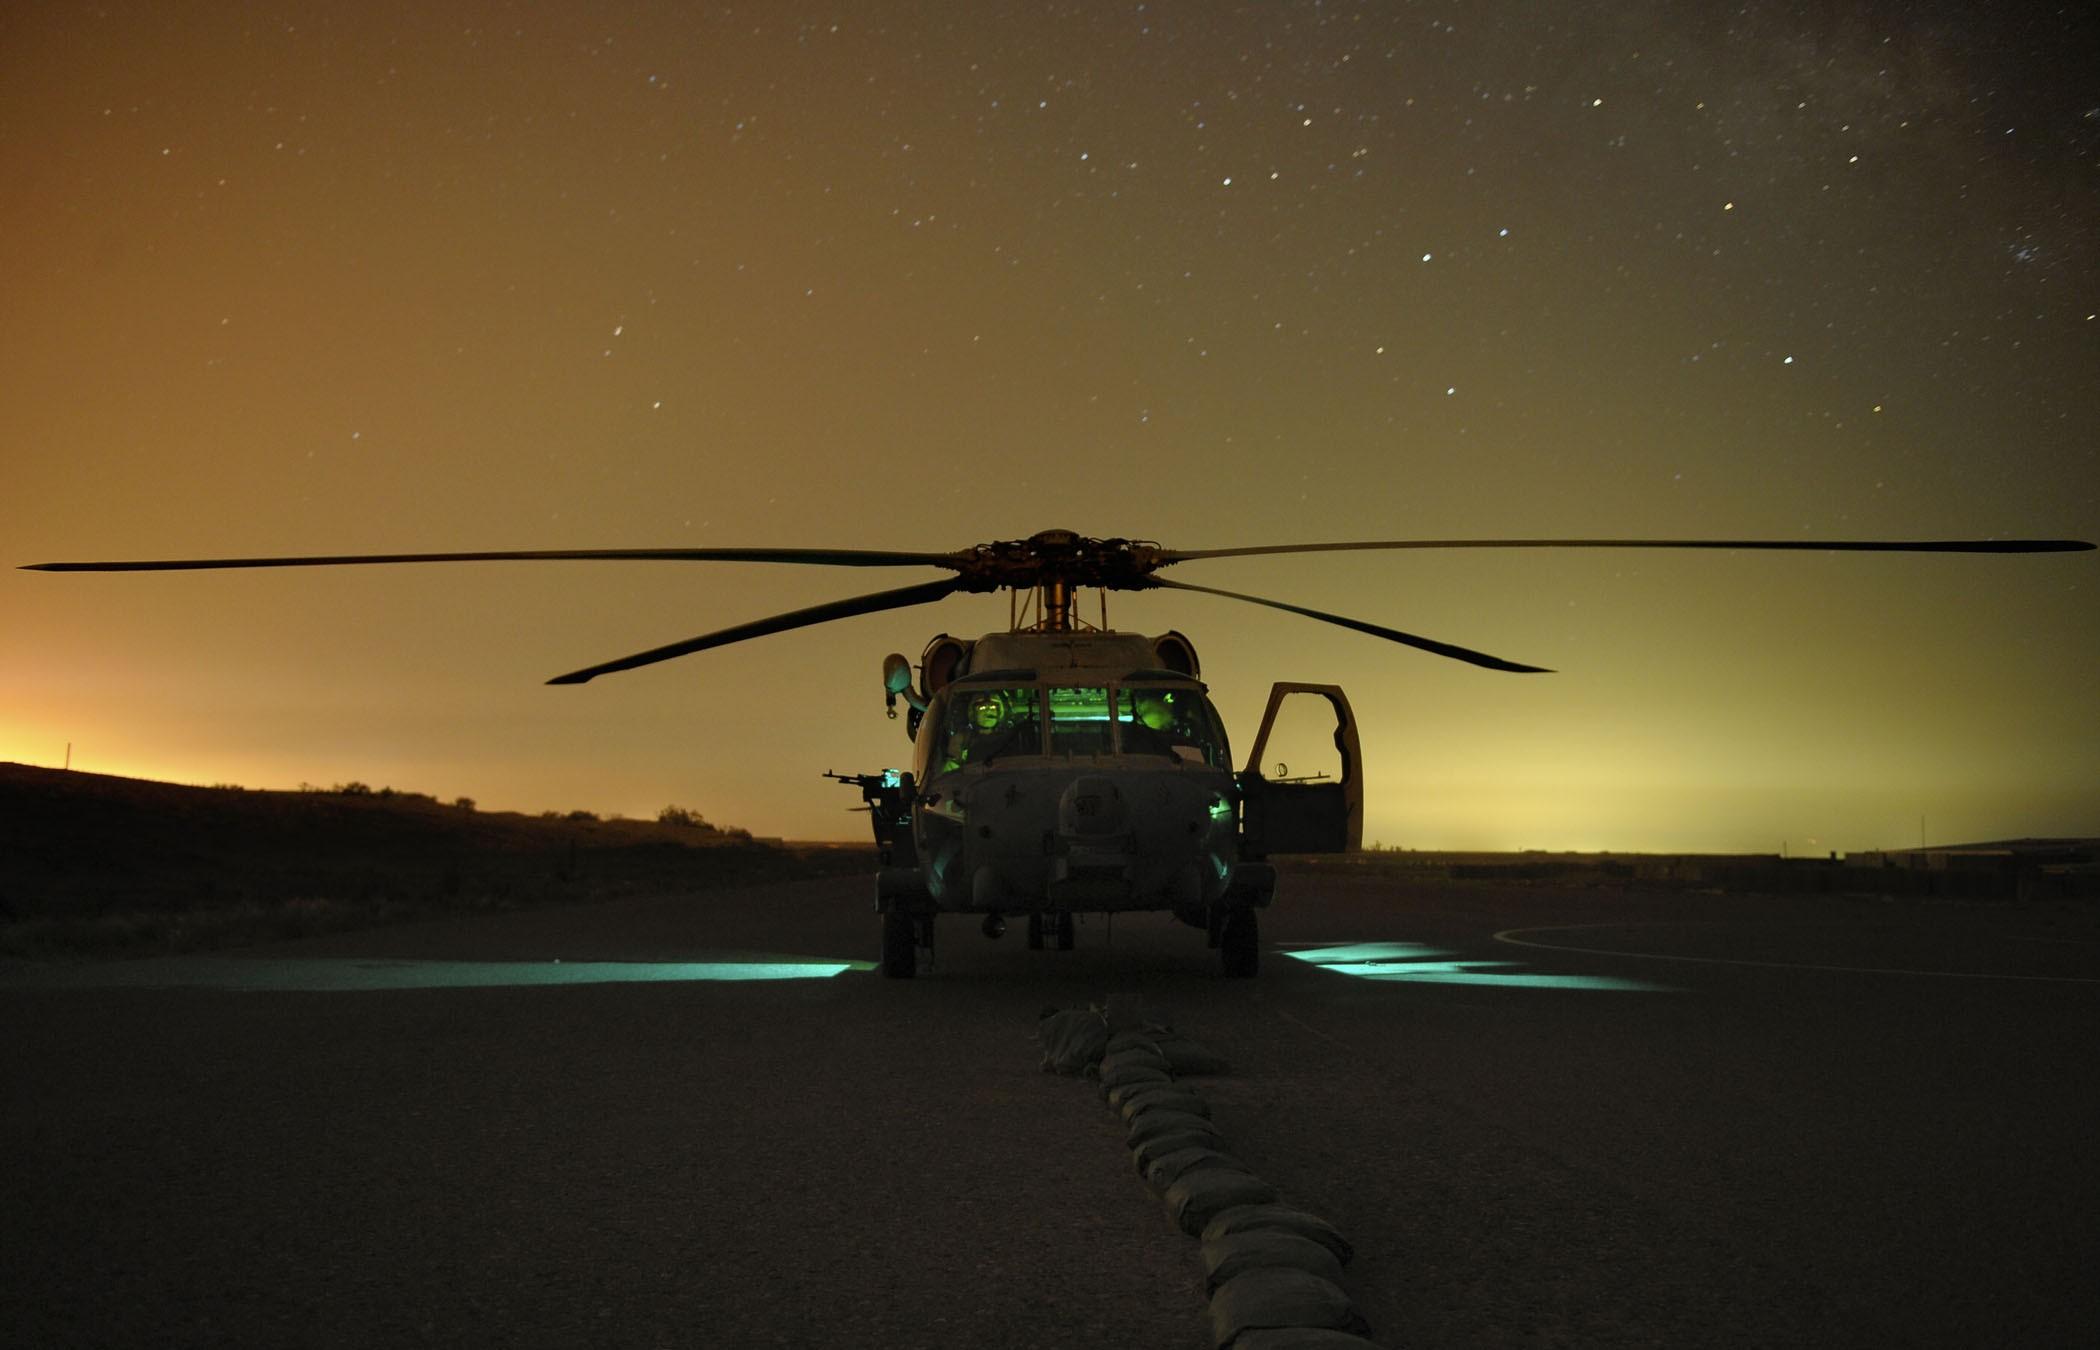 титов вертолет ночью фото при дтп